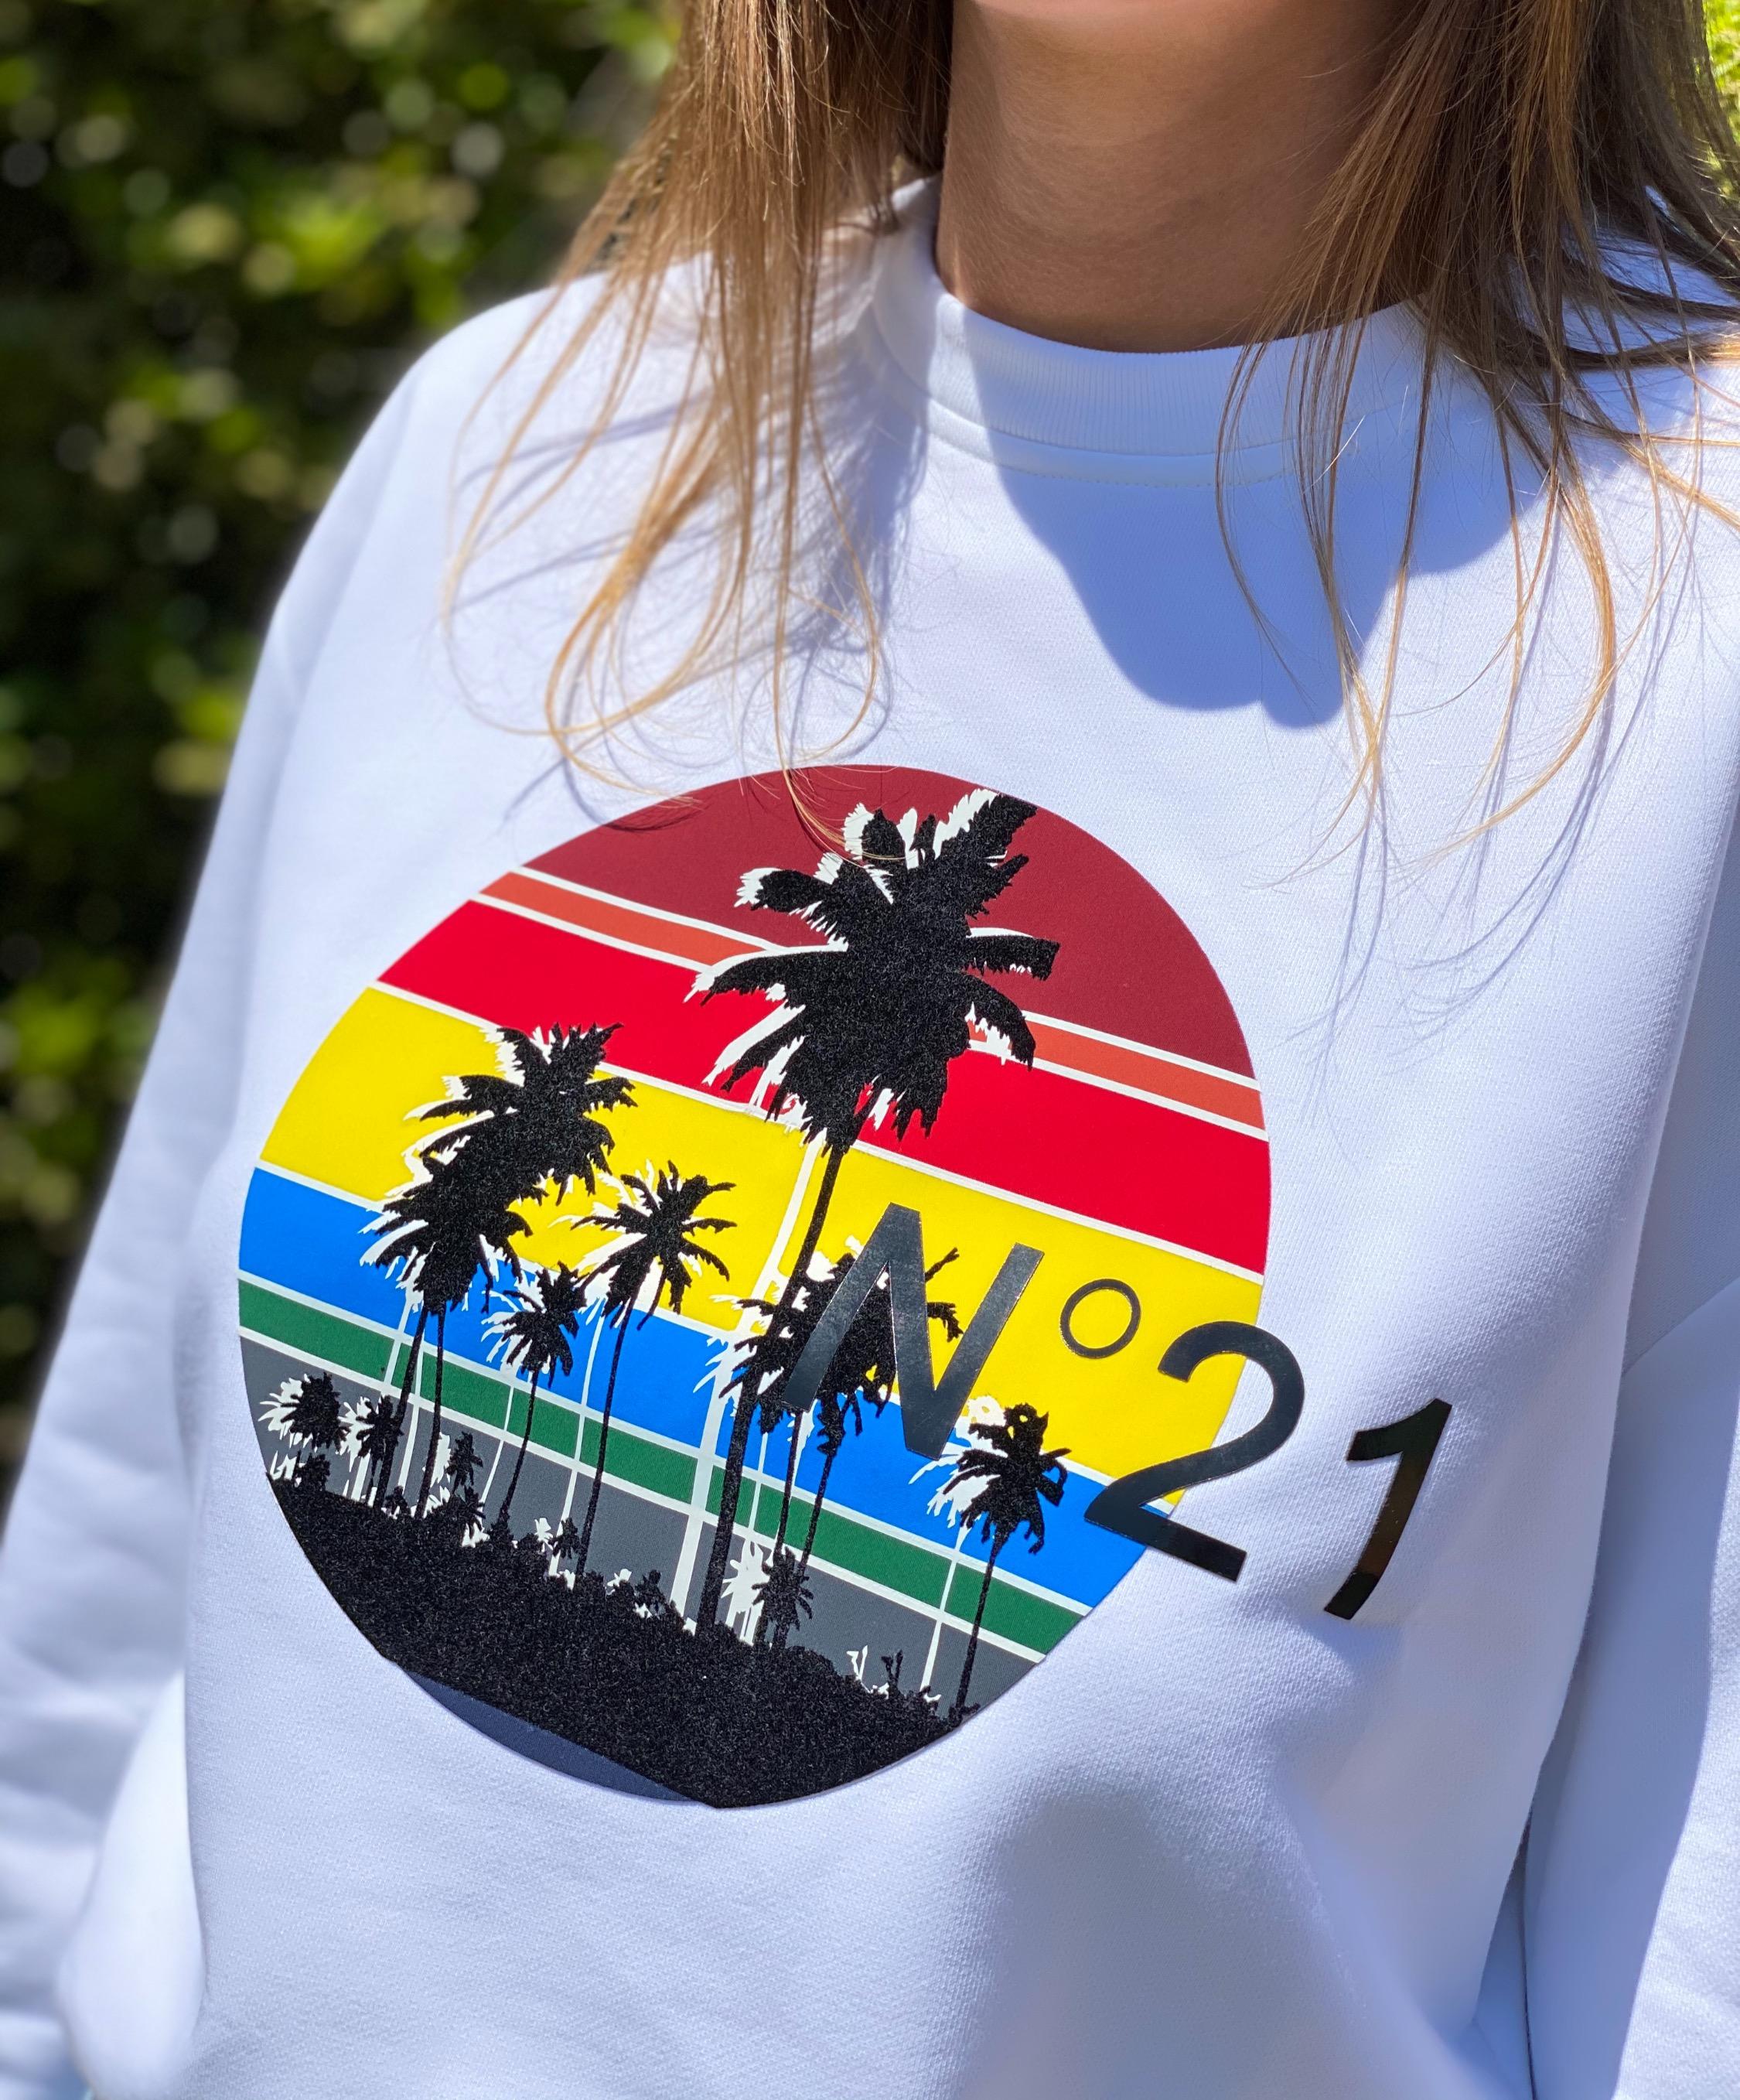 Sweatshirt blanc N°21 sunset avec palmiers, rouge, bleu, jaune et vert